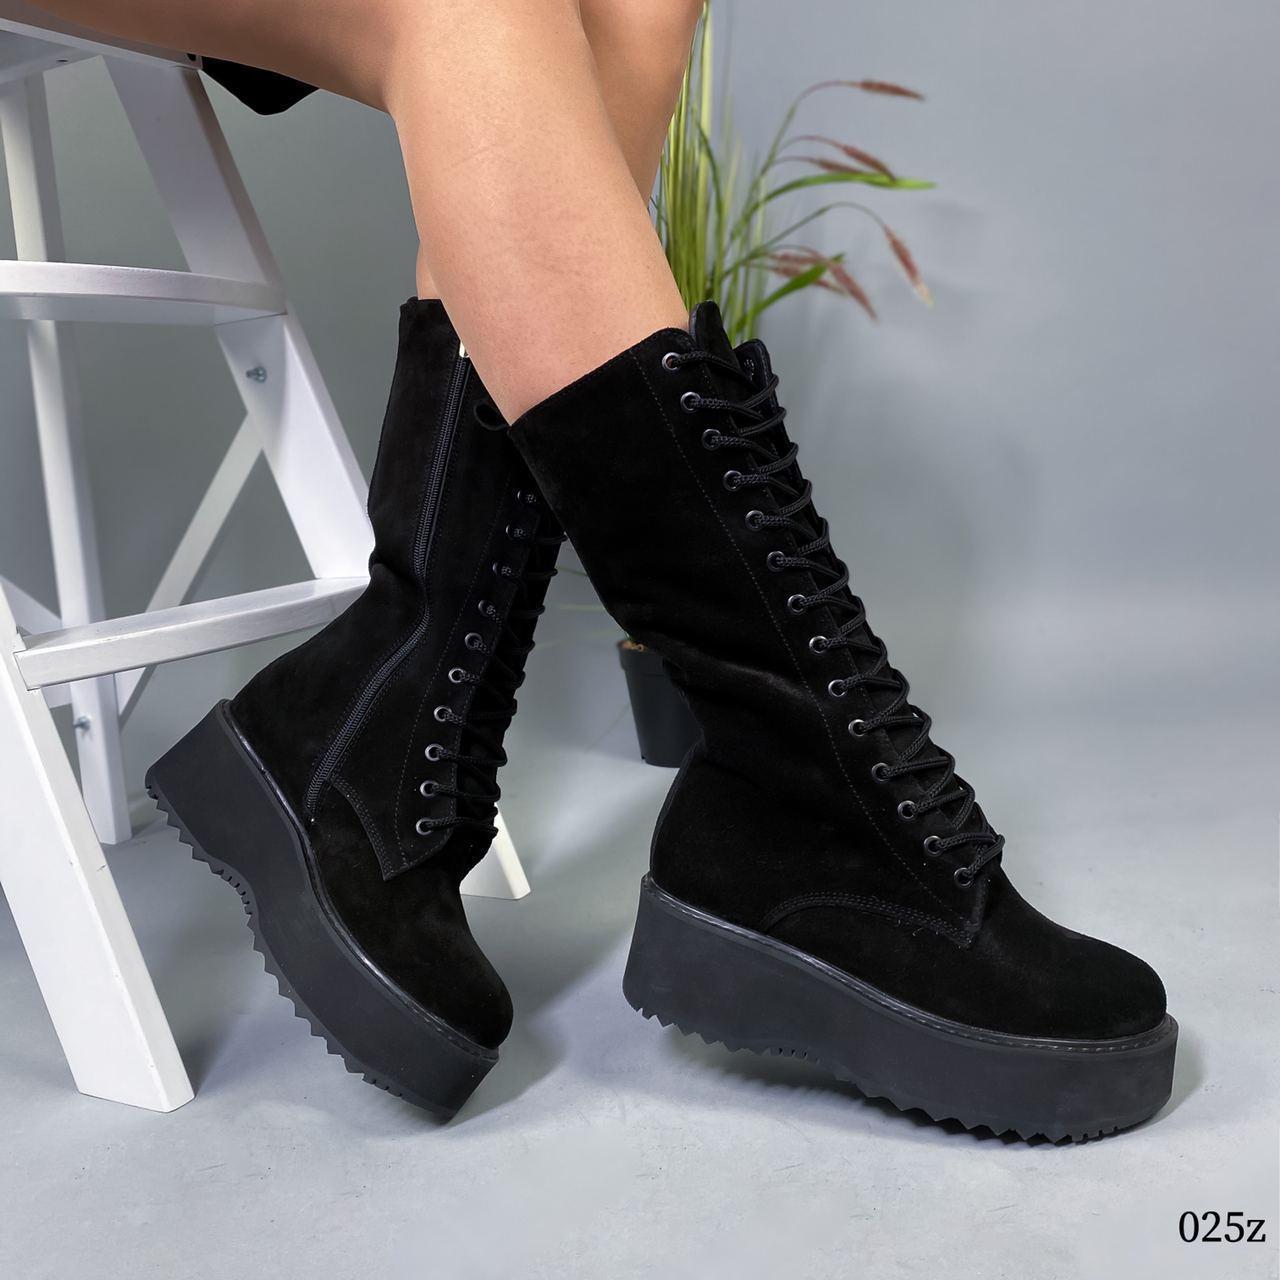 Ботинки высокие женские чёрные натуральная замша